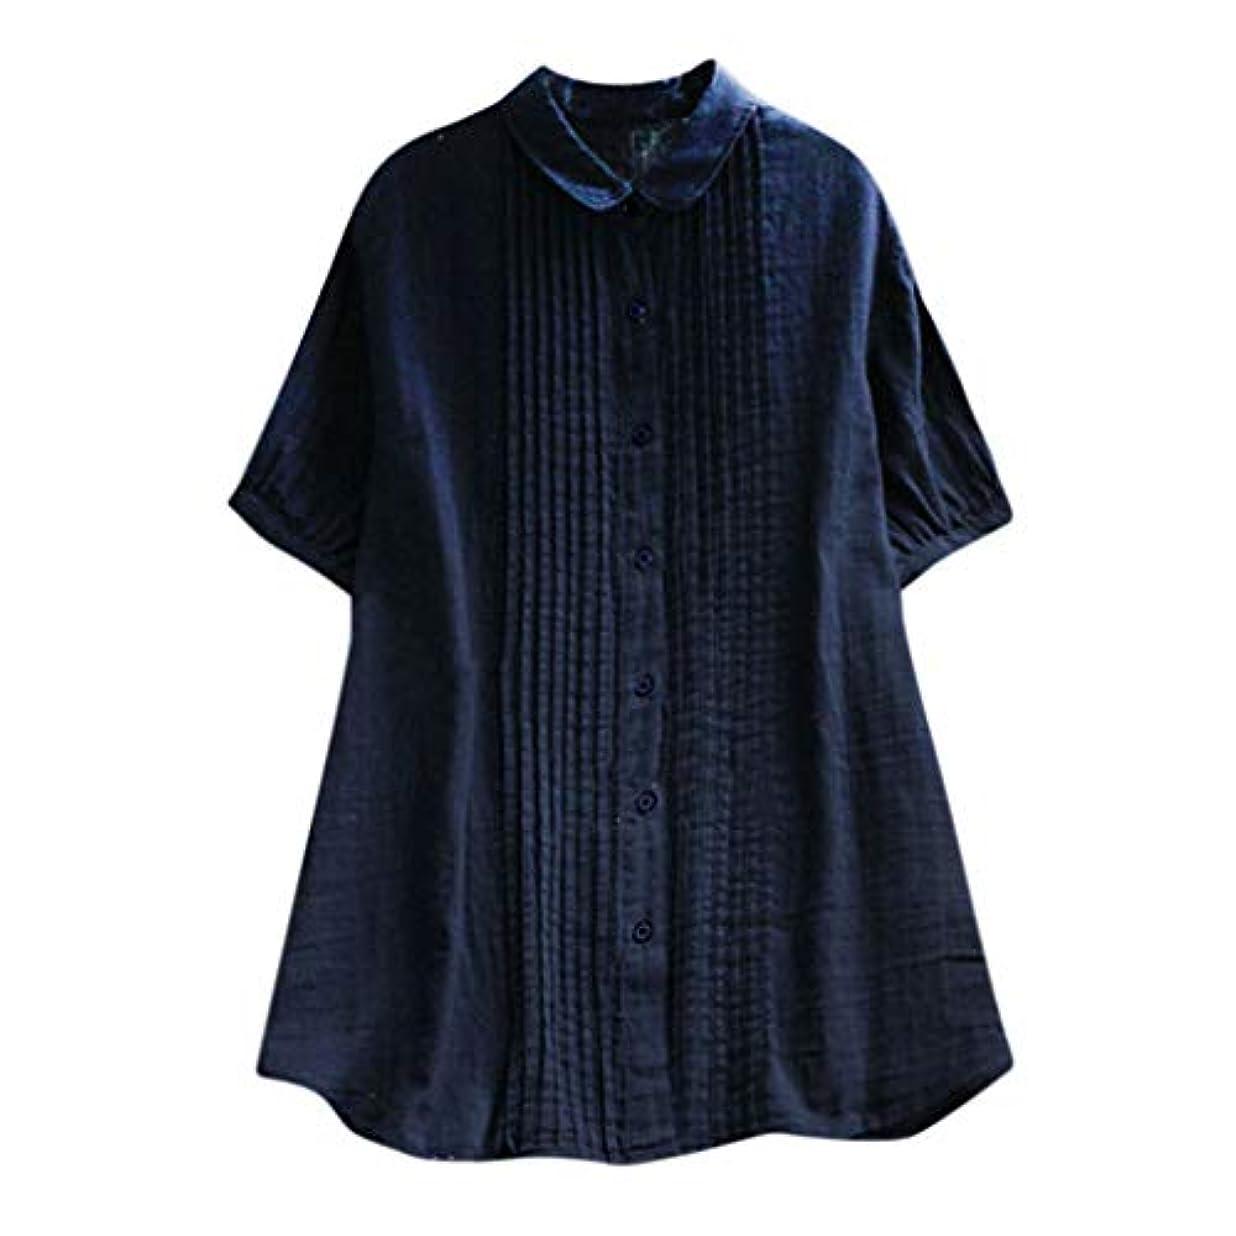 キノコ争い棚女性の半袖Tシャツ - ピーターパンカラー夏緩い無地カジュアルダウントップスブラウス (青, 2XL)